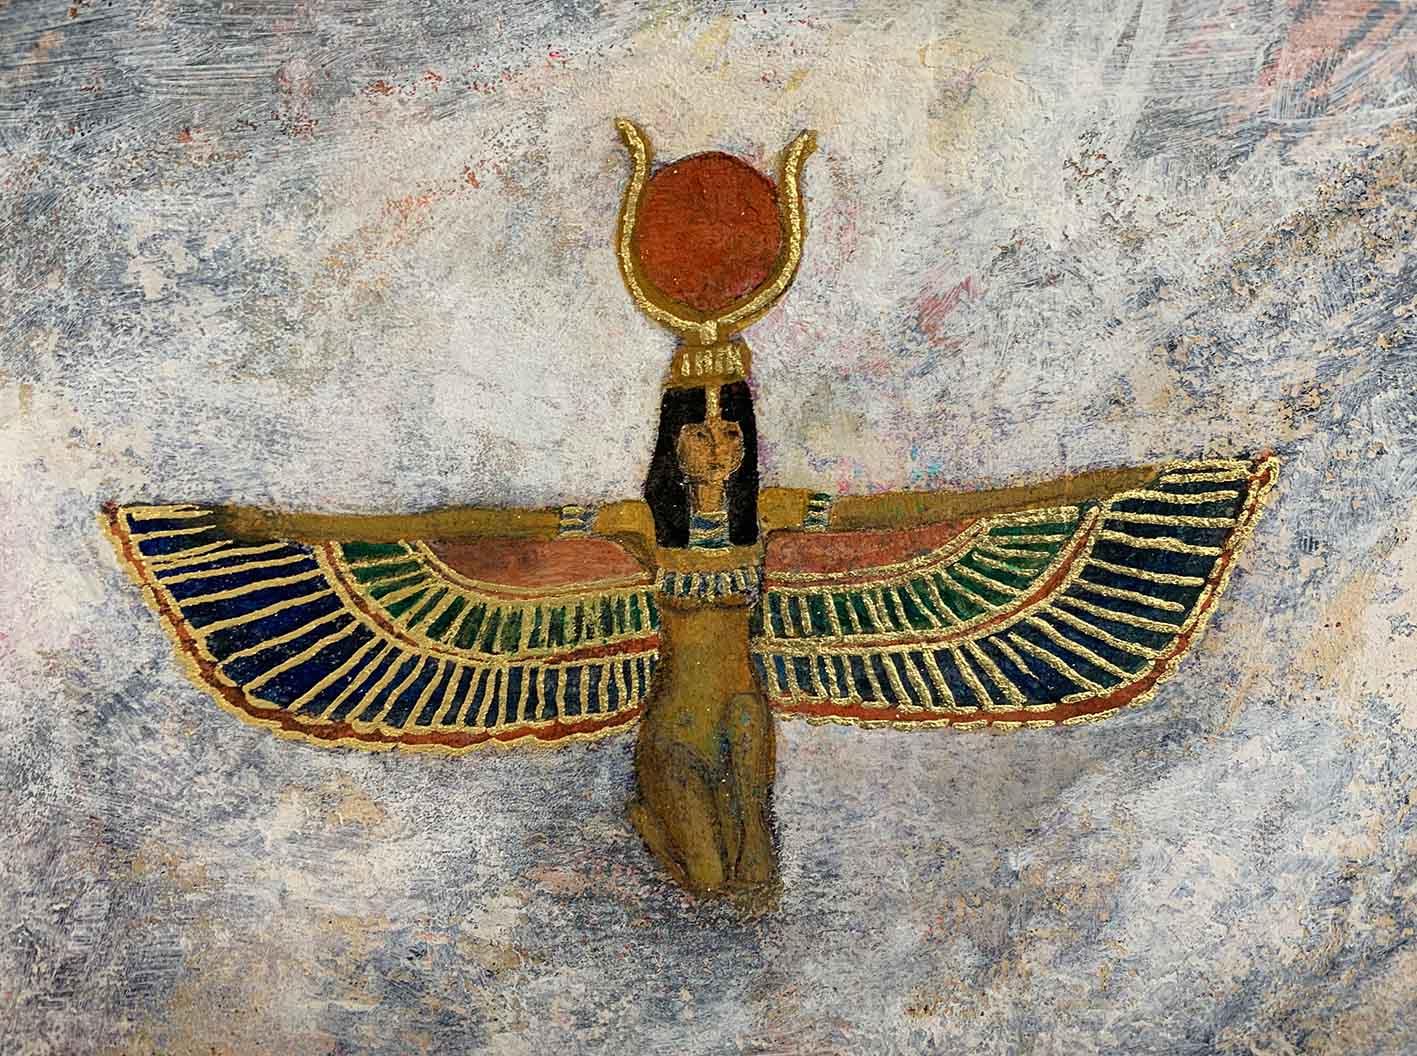 Goldscheibe - die Sonnenscheibe in Mythologie und Schöpfungsgeschichte